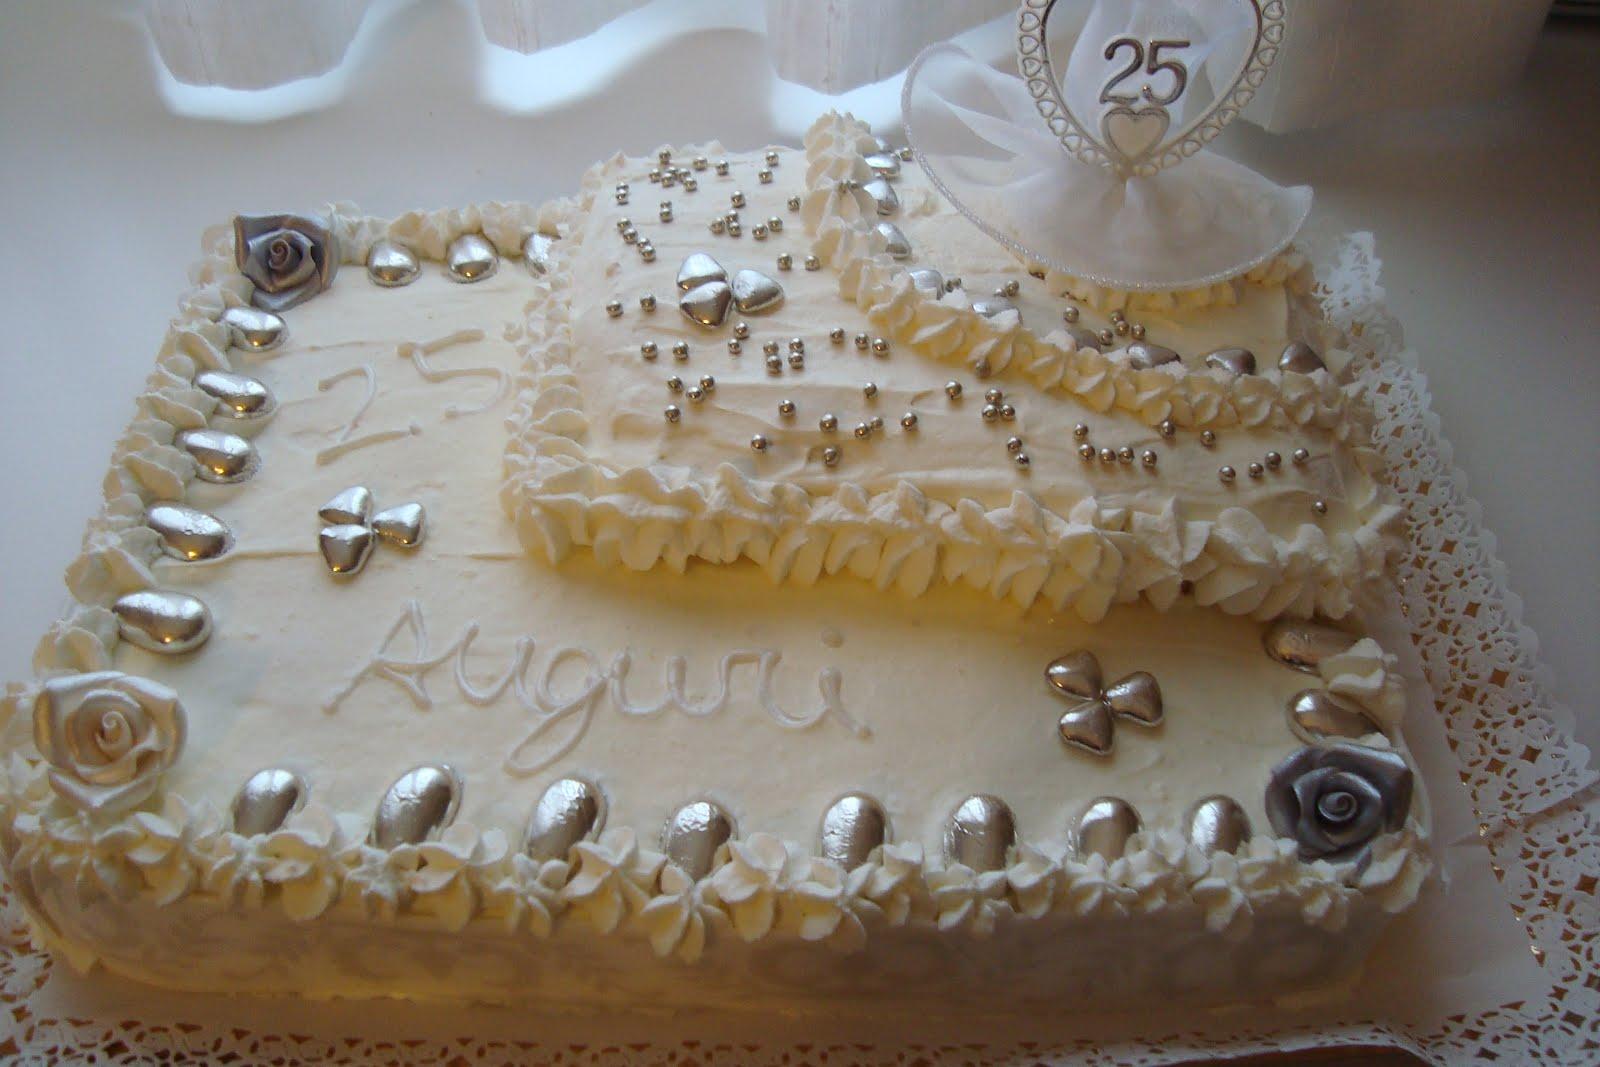 La mia amata cucina aprile 2012 for 25 anni matrimonio